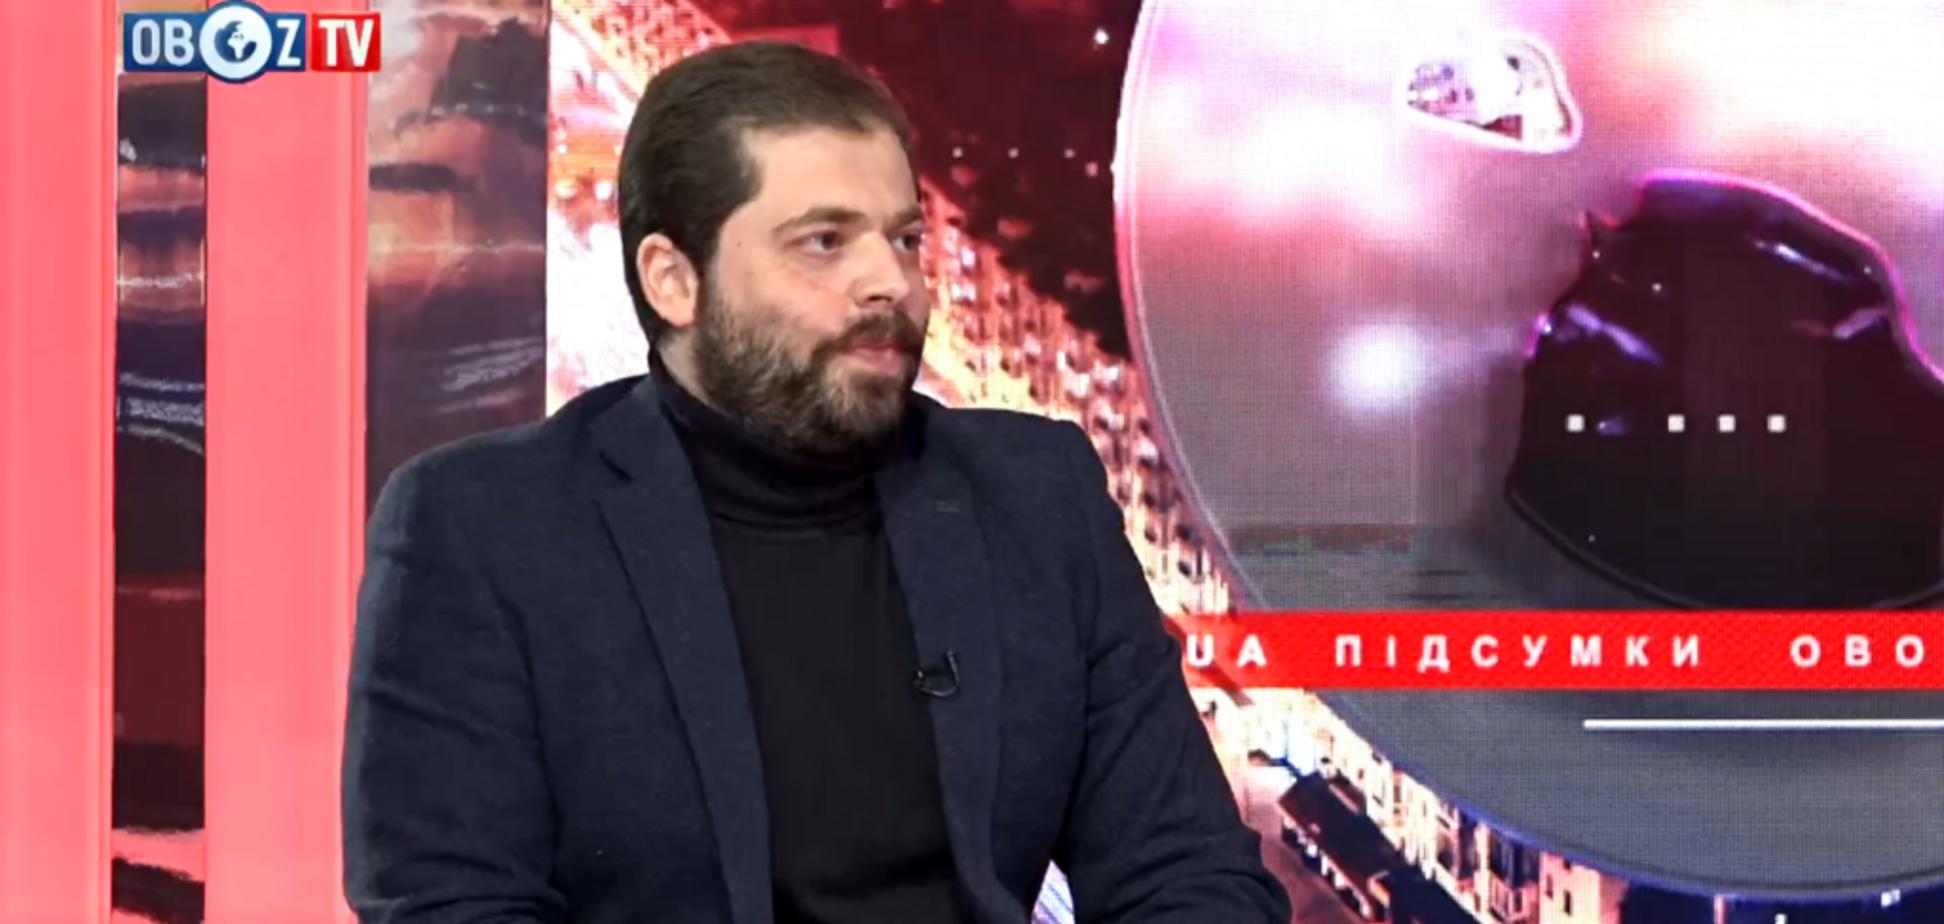 ''Гриценко, маючи менший рейтинг ніж у Садового, пропонував об'єднатися і надати підтримку'' – експерт